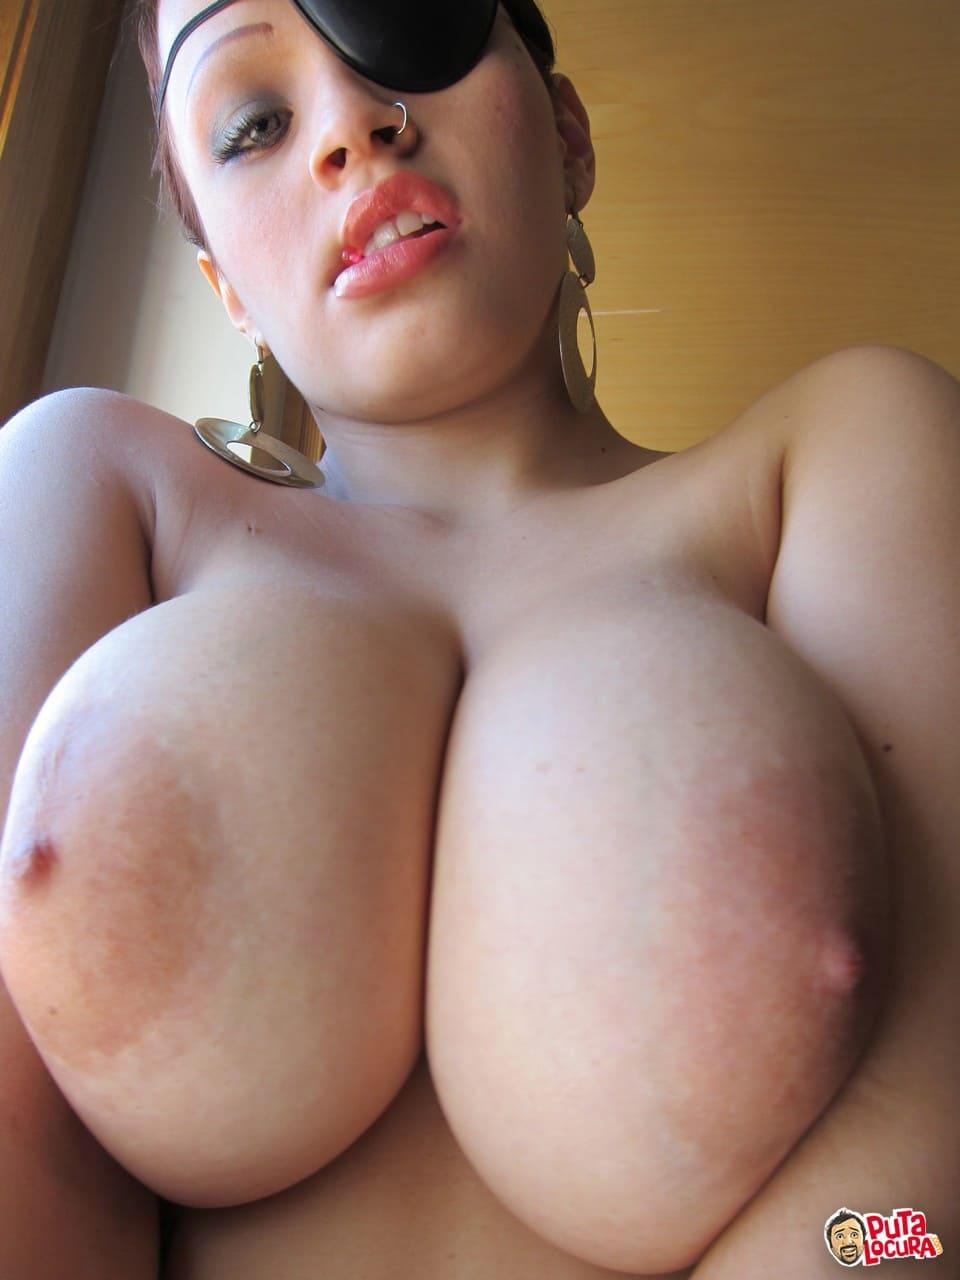 fotos porno tetona Karla Pirata